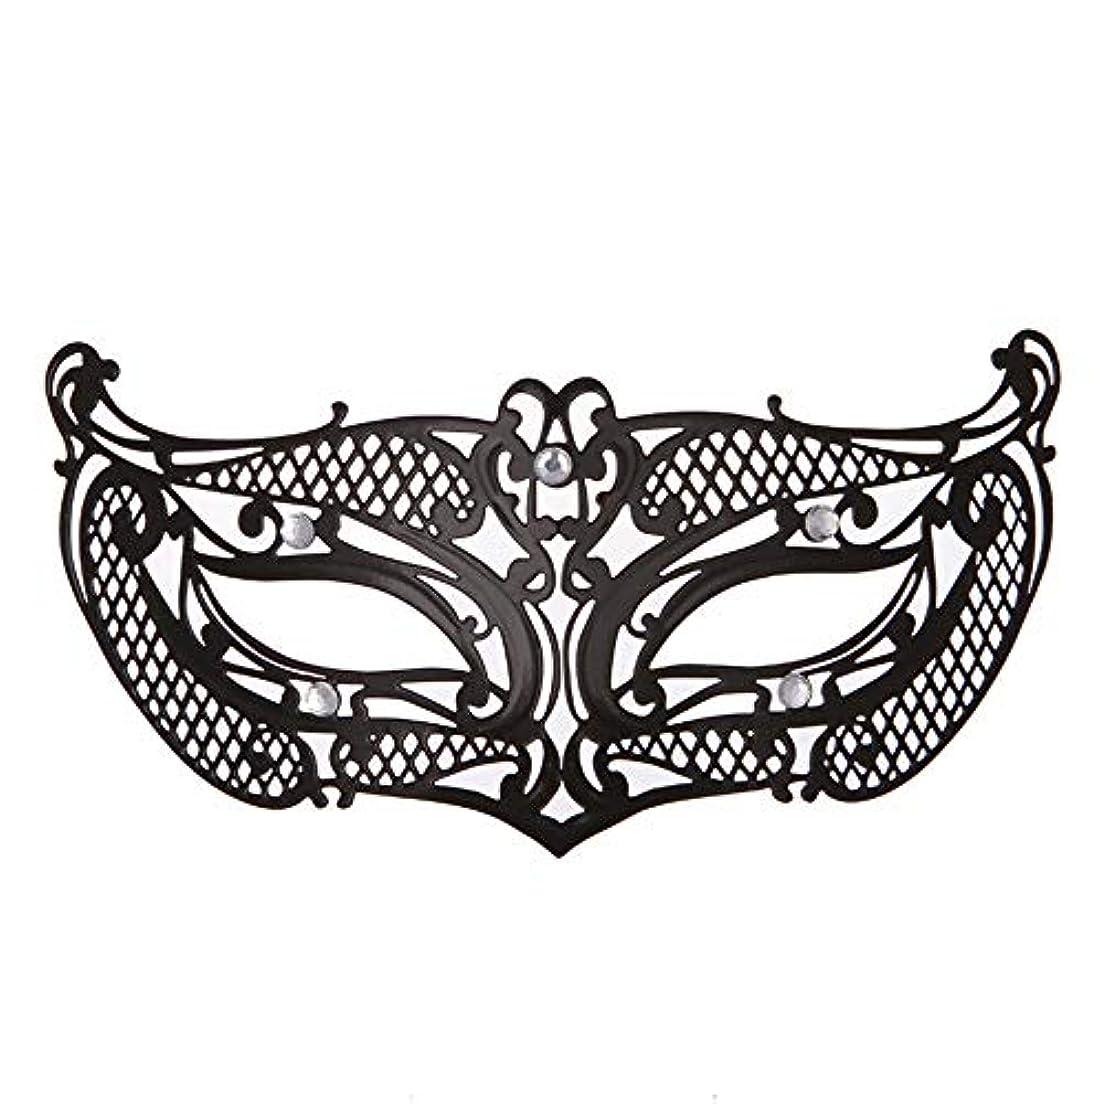 彼女の強化着陸ダンスマスク アイアンメタリックレースとダイヤモンドハーフマスクハロウィンダンスマスクナイトクラブボールマスクコスプレパーティーハロウィンマスク ホリデーパーティー用品 (色 : ブラック, サイズ : 19x8cm)